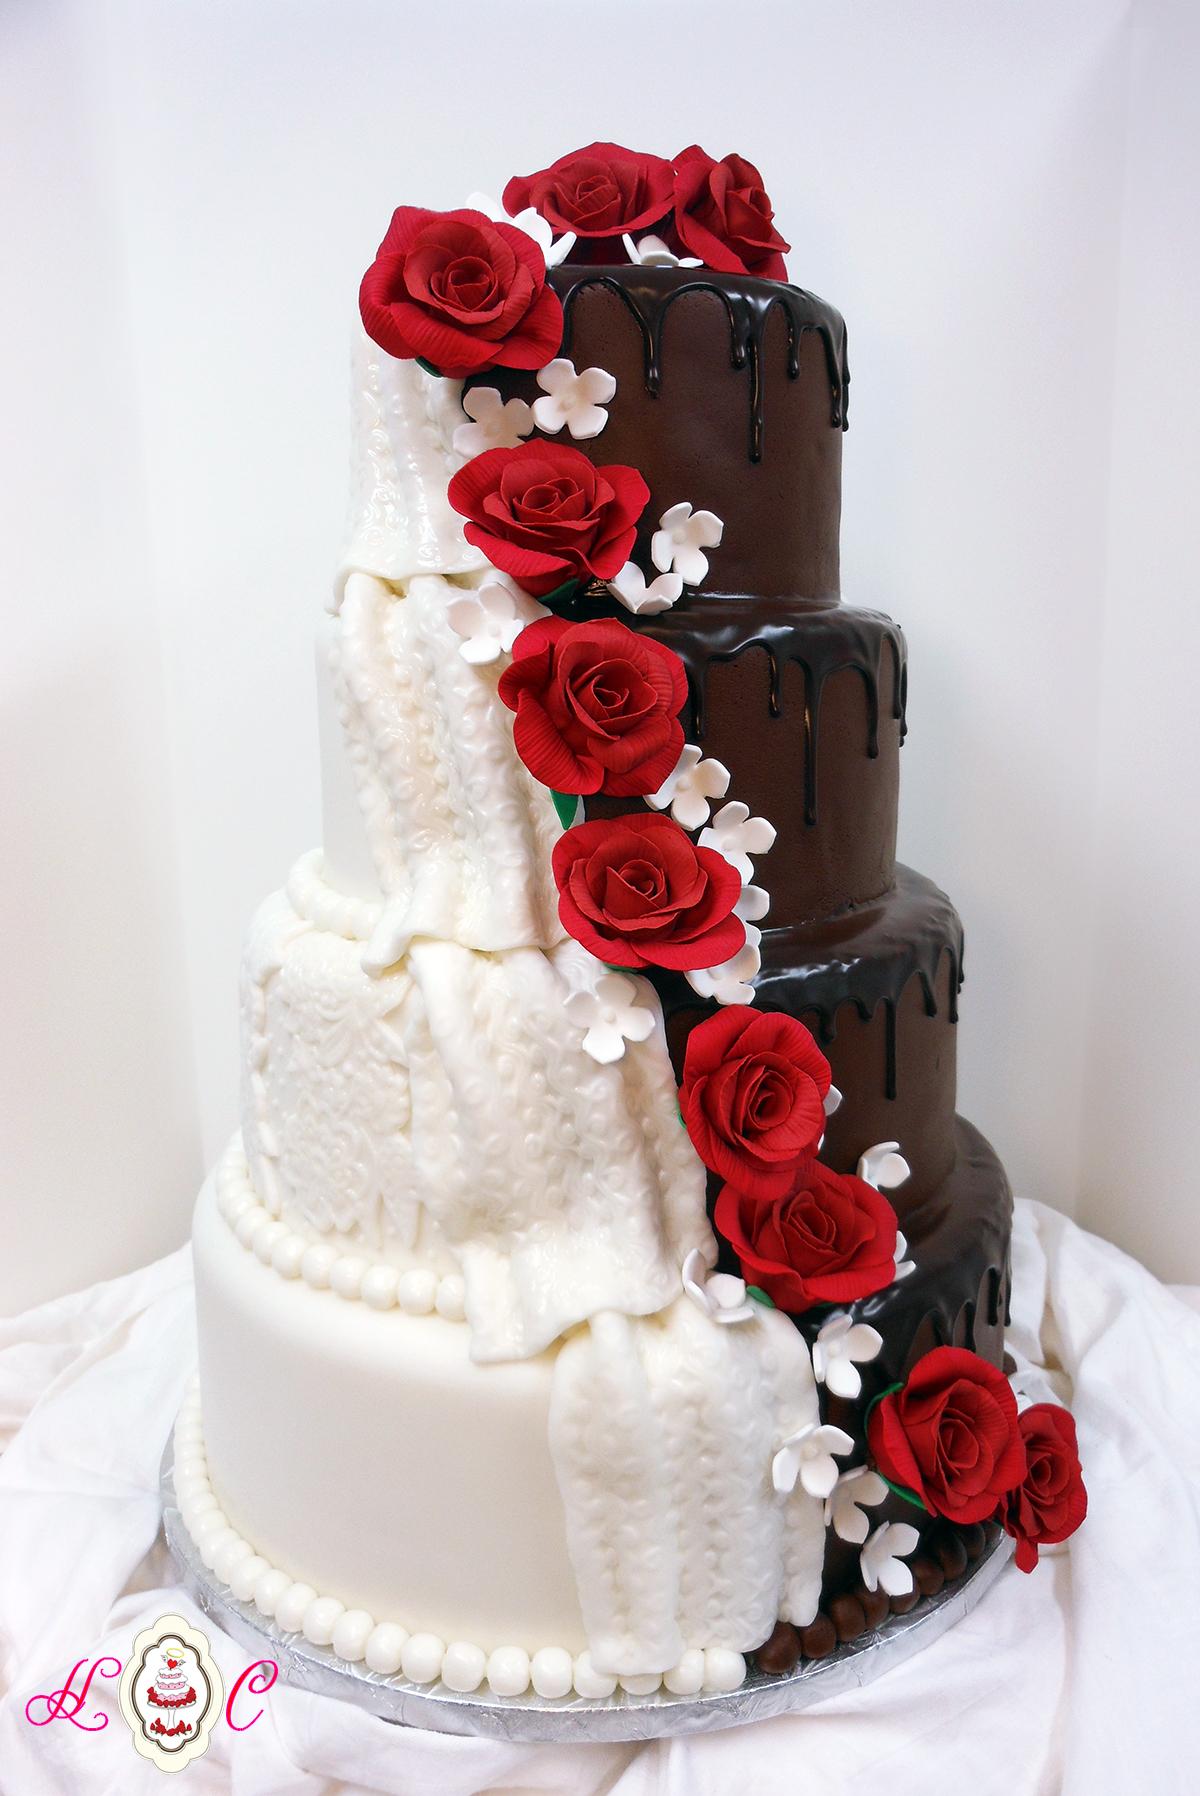 8 Wedding Cakes With Red Roses Decoration Photo Wedding Cake White